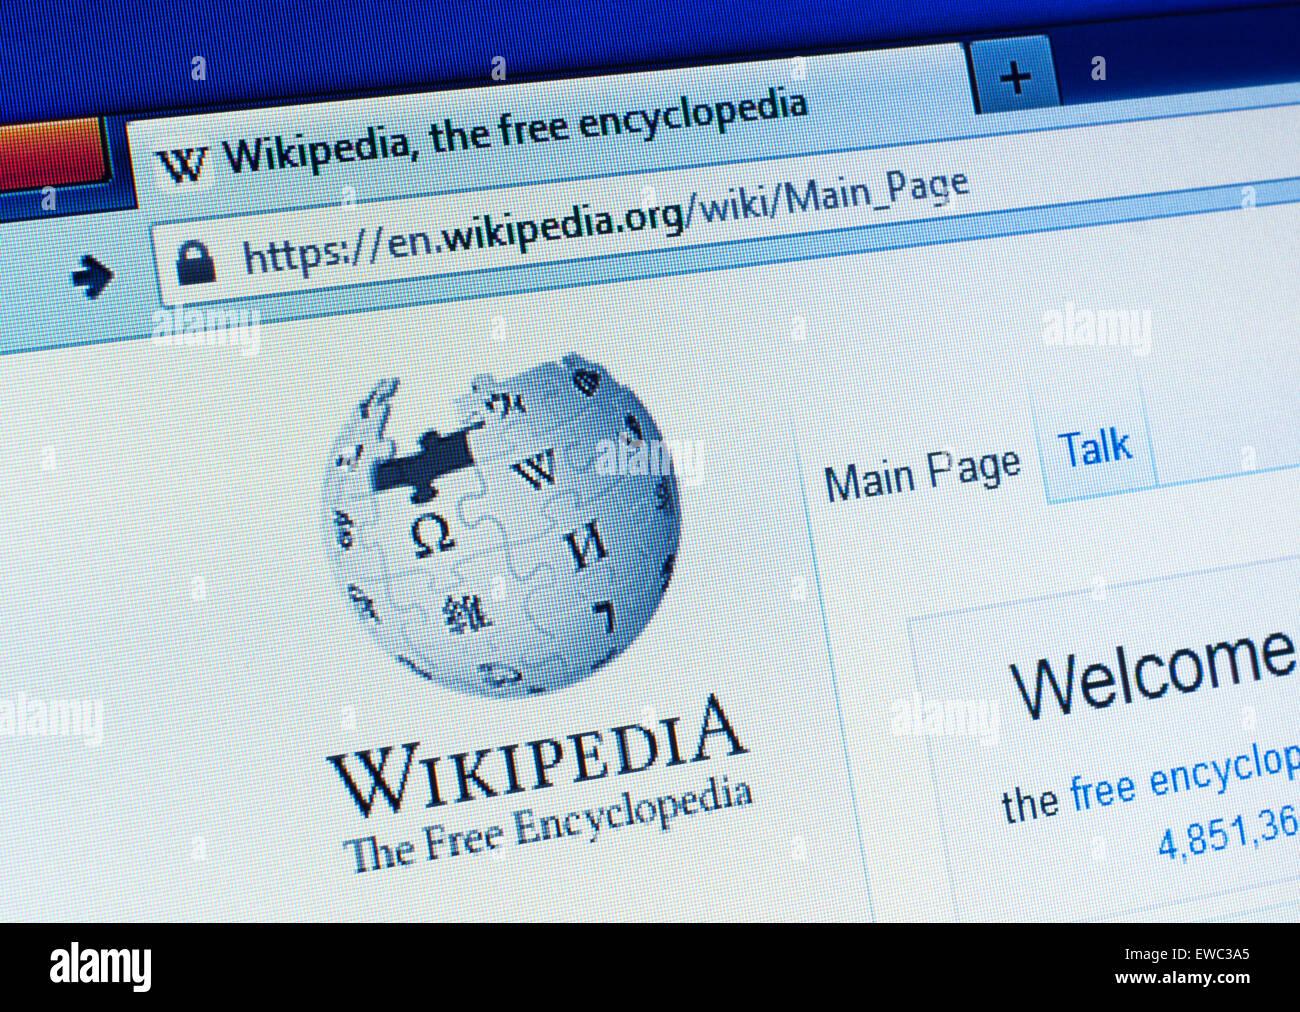 GDANSK, POLOGNE - Le 25 avril 2015. Wikipedia Page d'accueil sur l'écran de l'ordinateur. Wikipedia Photo Stock